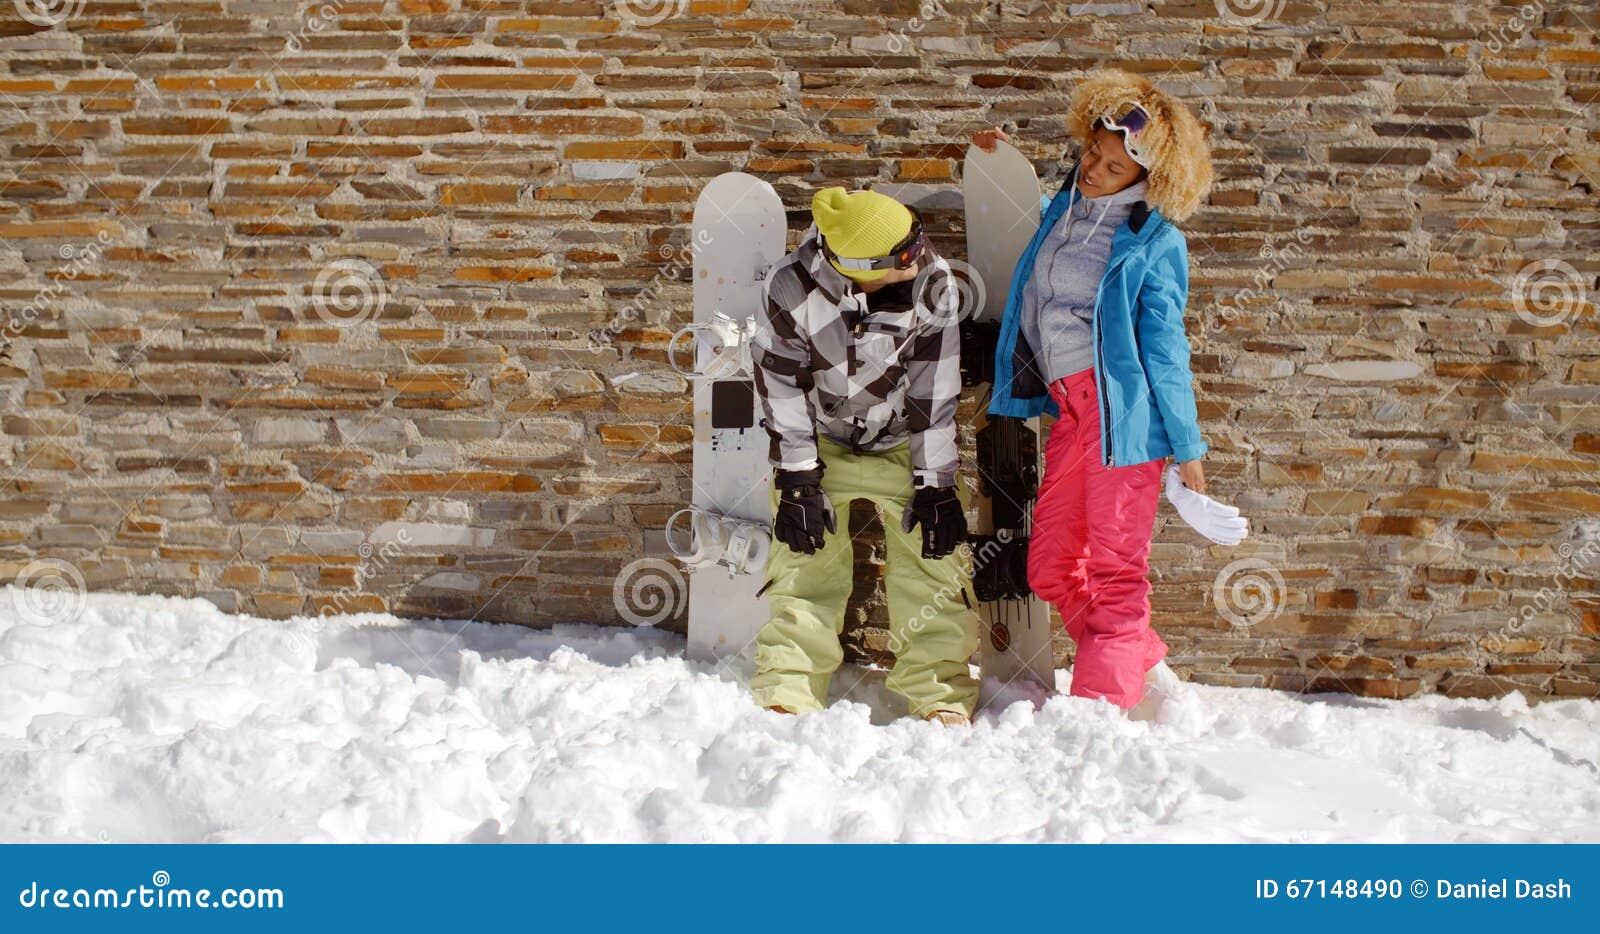 Snowboarder Mit Glücklichem Freund Vor Wand Stockfoto - Bild von ...